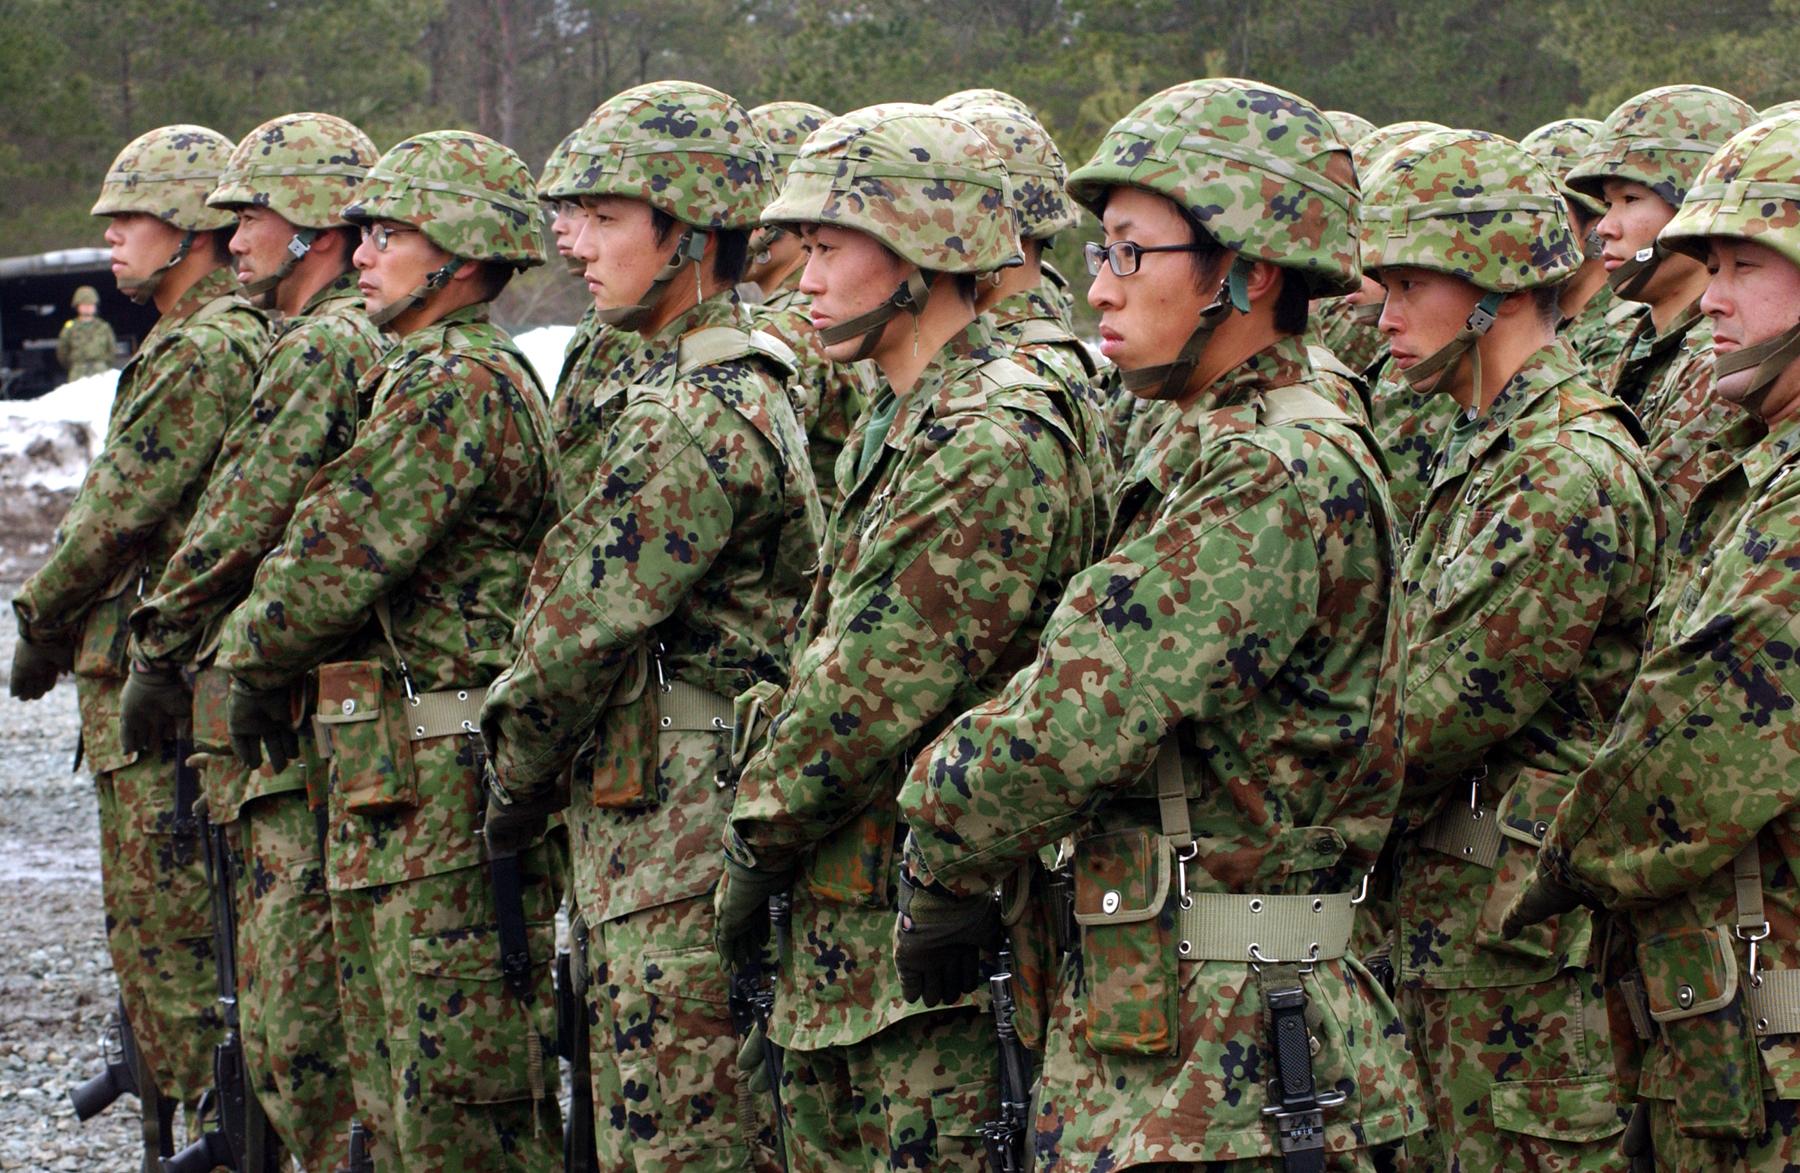 Saiba quais são as 10 Forças Armadas mais poderosas do mundo